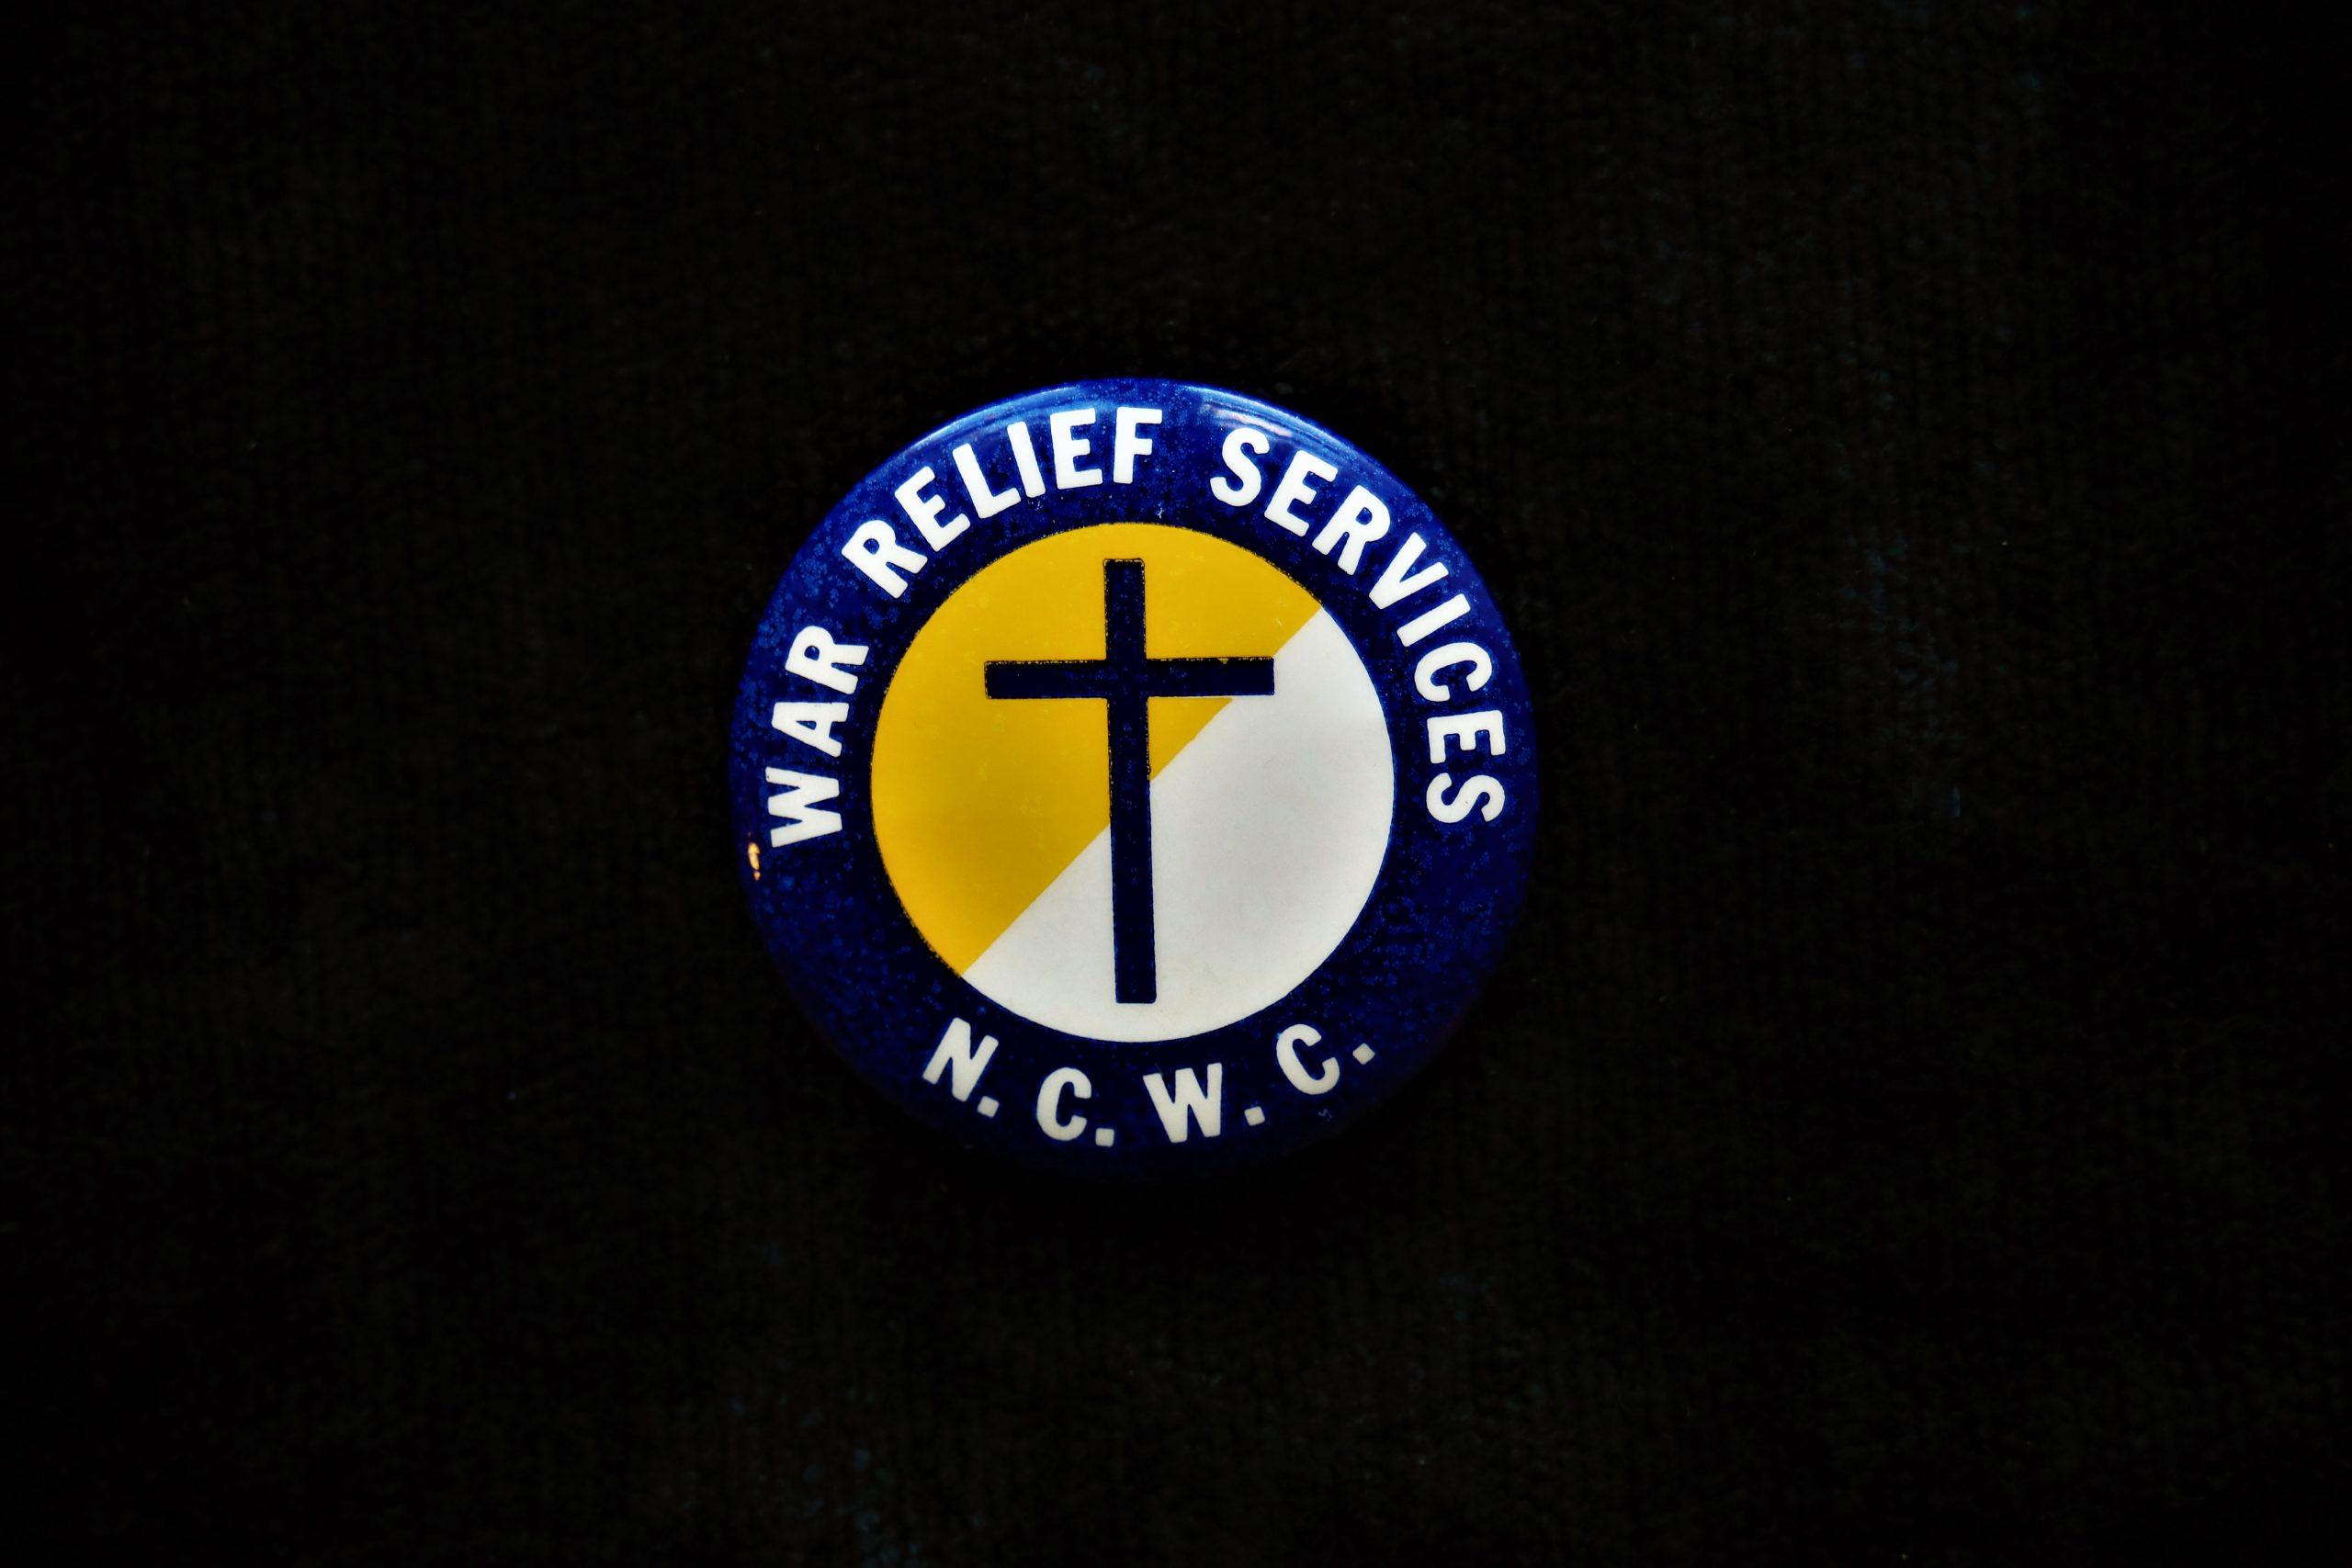 Nacionalinės katalikų gerovės asociacijos ženklelis